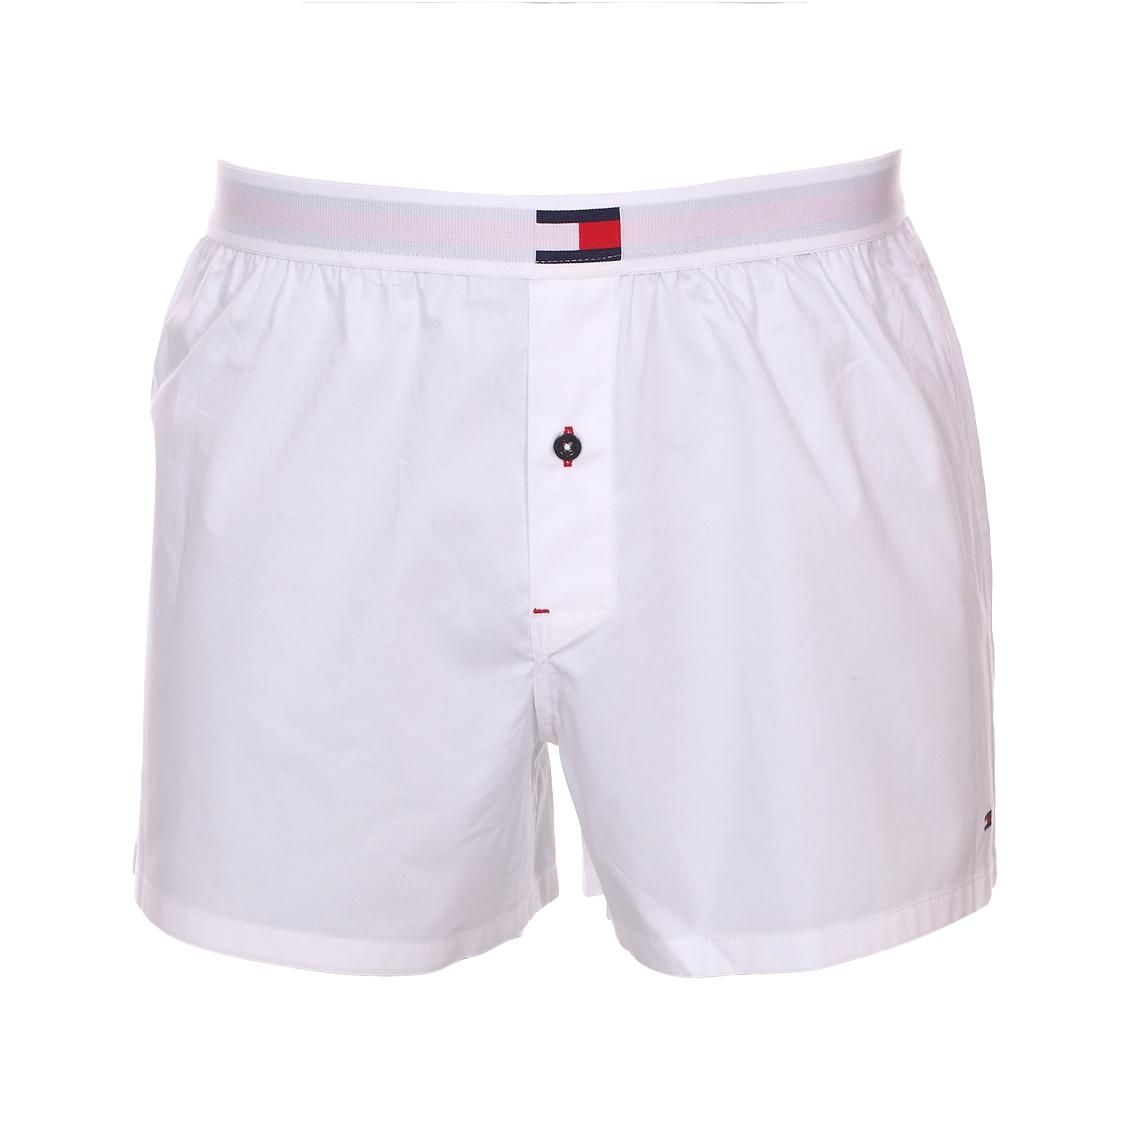 Caleçon tommy hilfiger woven boxer en coton stretch blanc